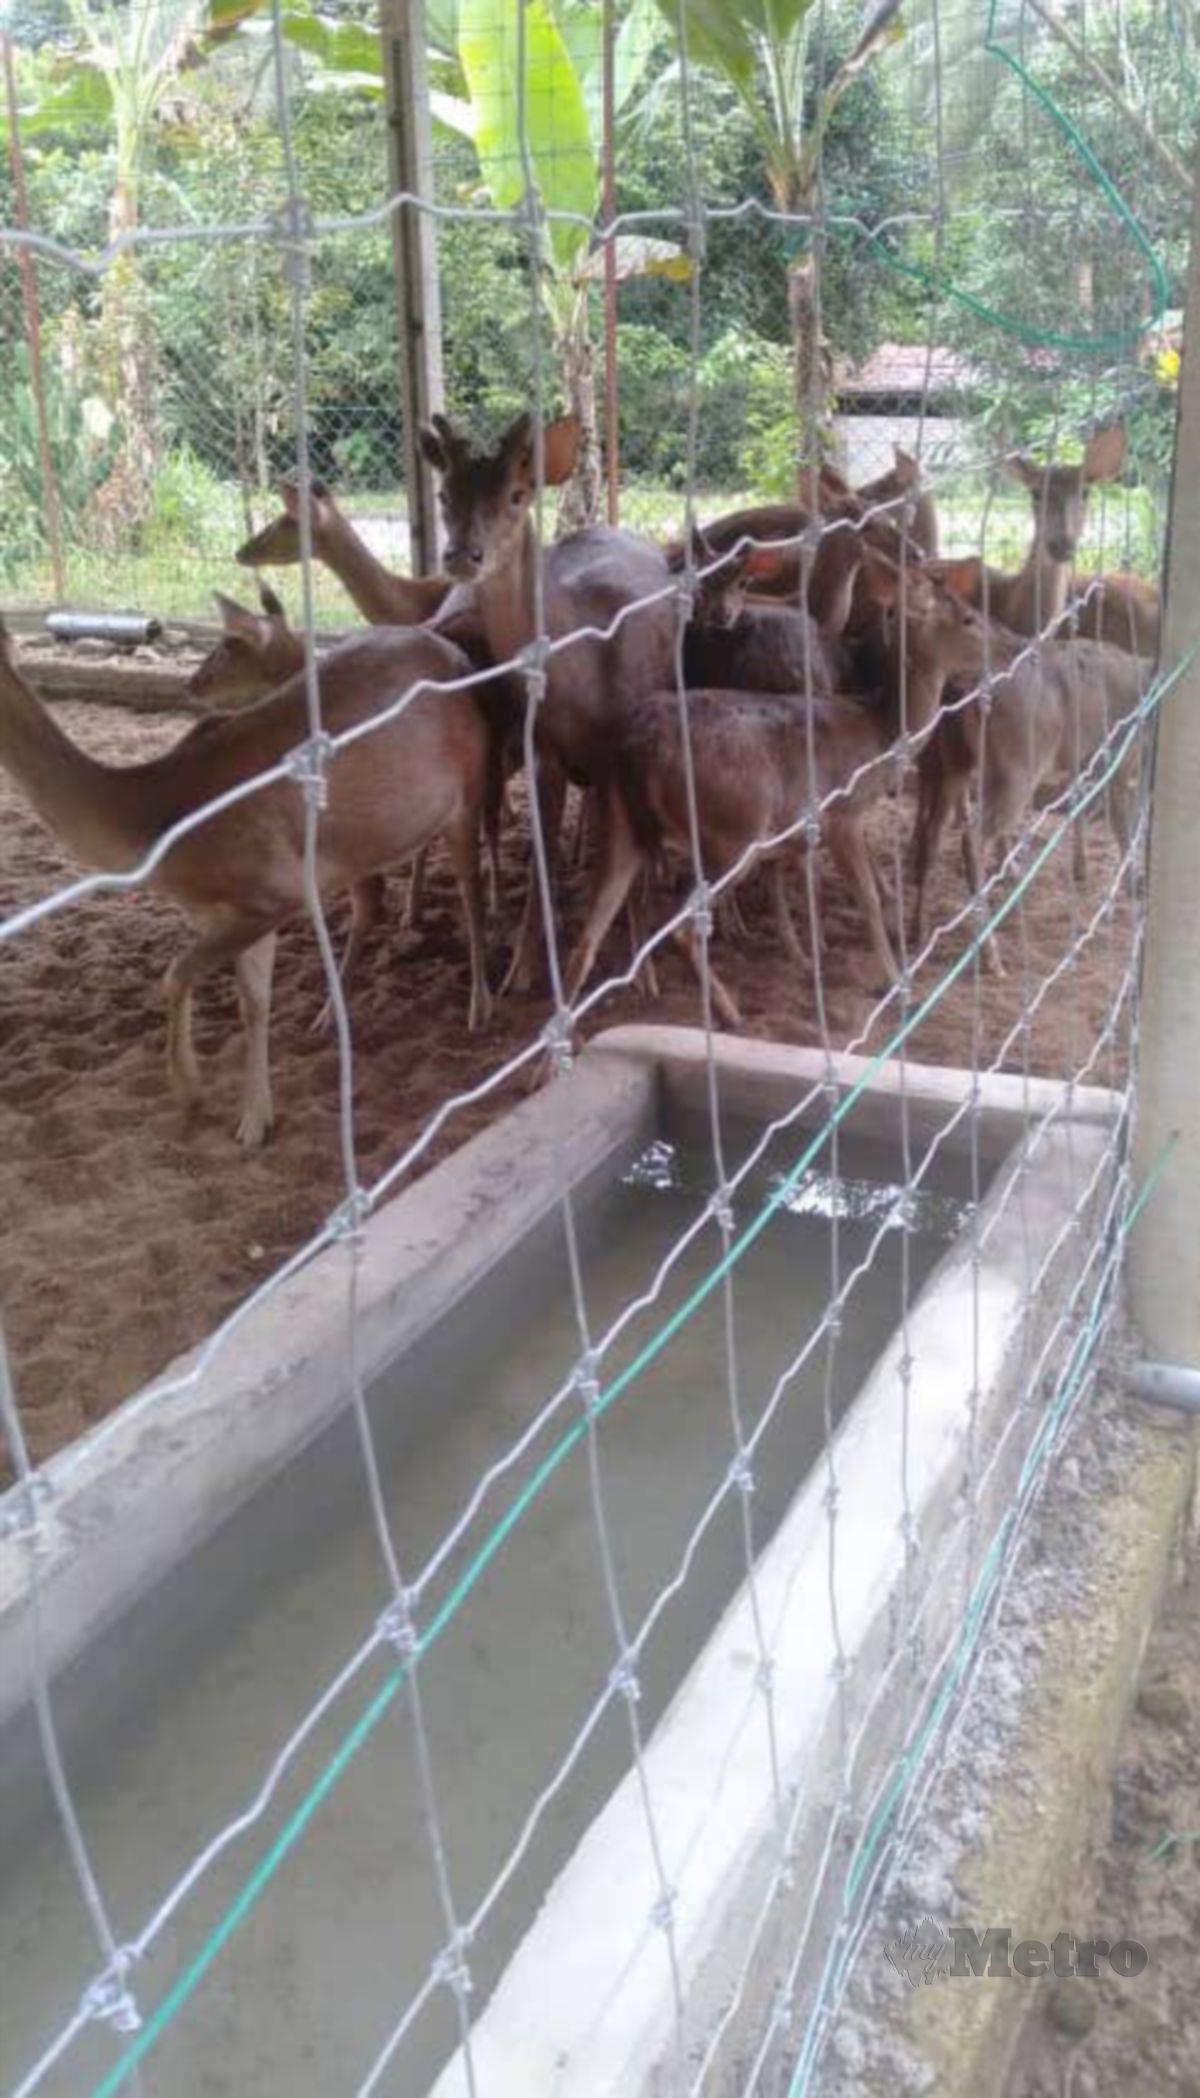 MOHD Zaid menyediakan kemudahan kolam air untuk memudahkan rusa minum air bersih.